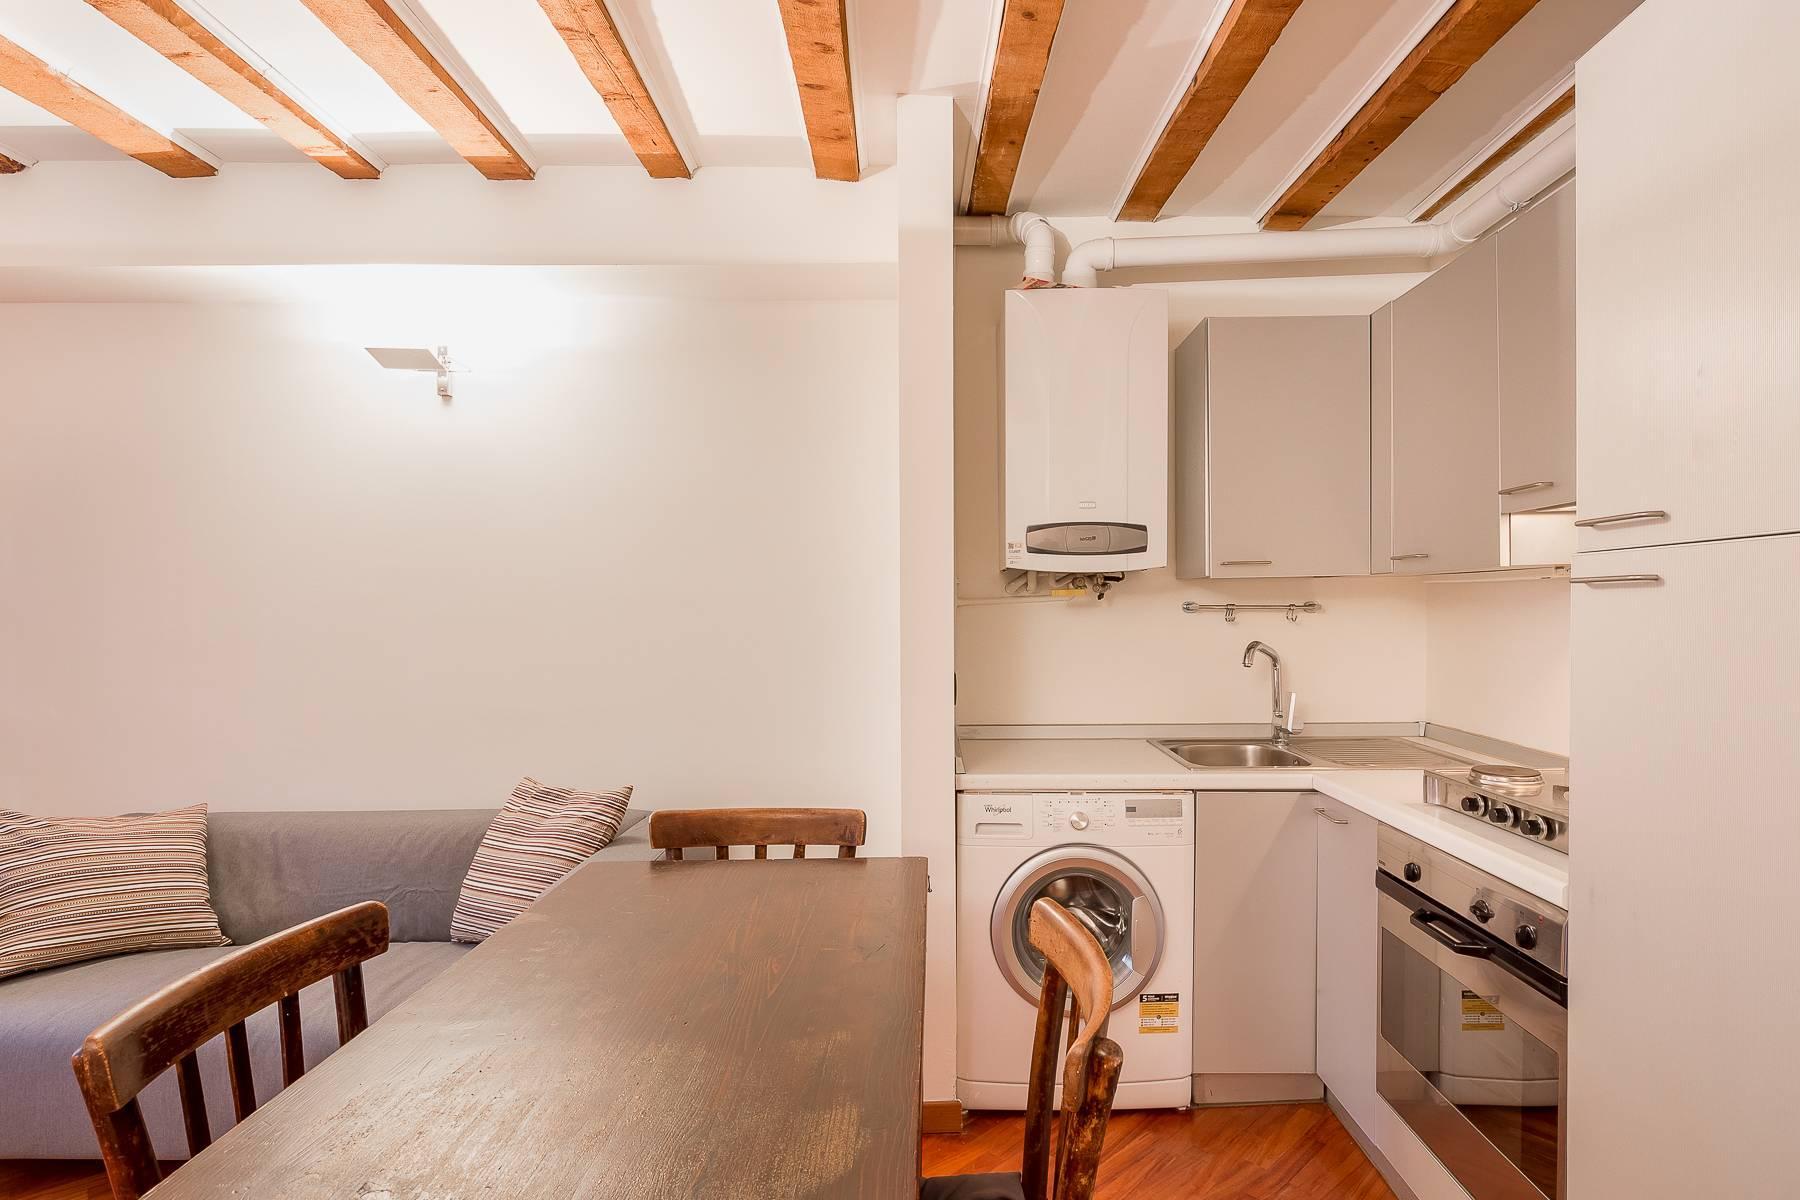 Renovierte Zwei-zimmer wohnung im Stadtviertel Navigli - 7